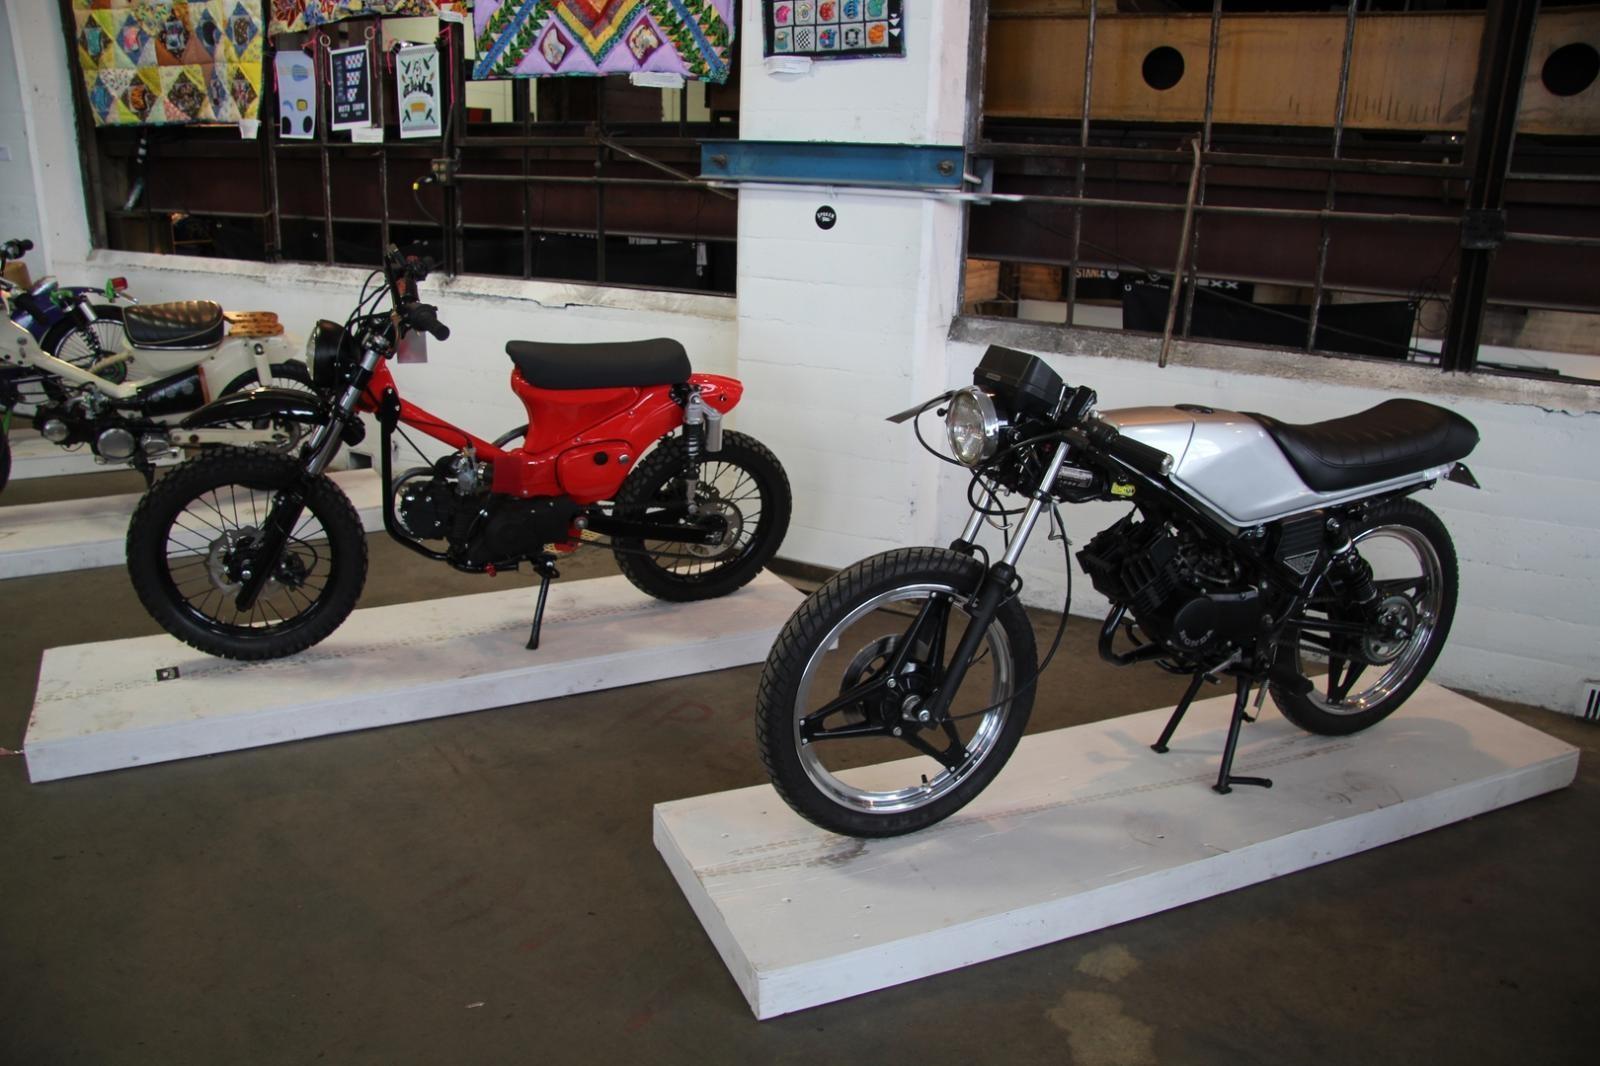 Chiêm ngưỡng những mẫu mô tô cực độc ở triển lãm Portland 2019 - 10